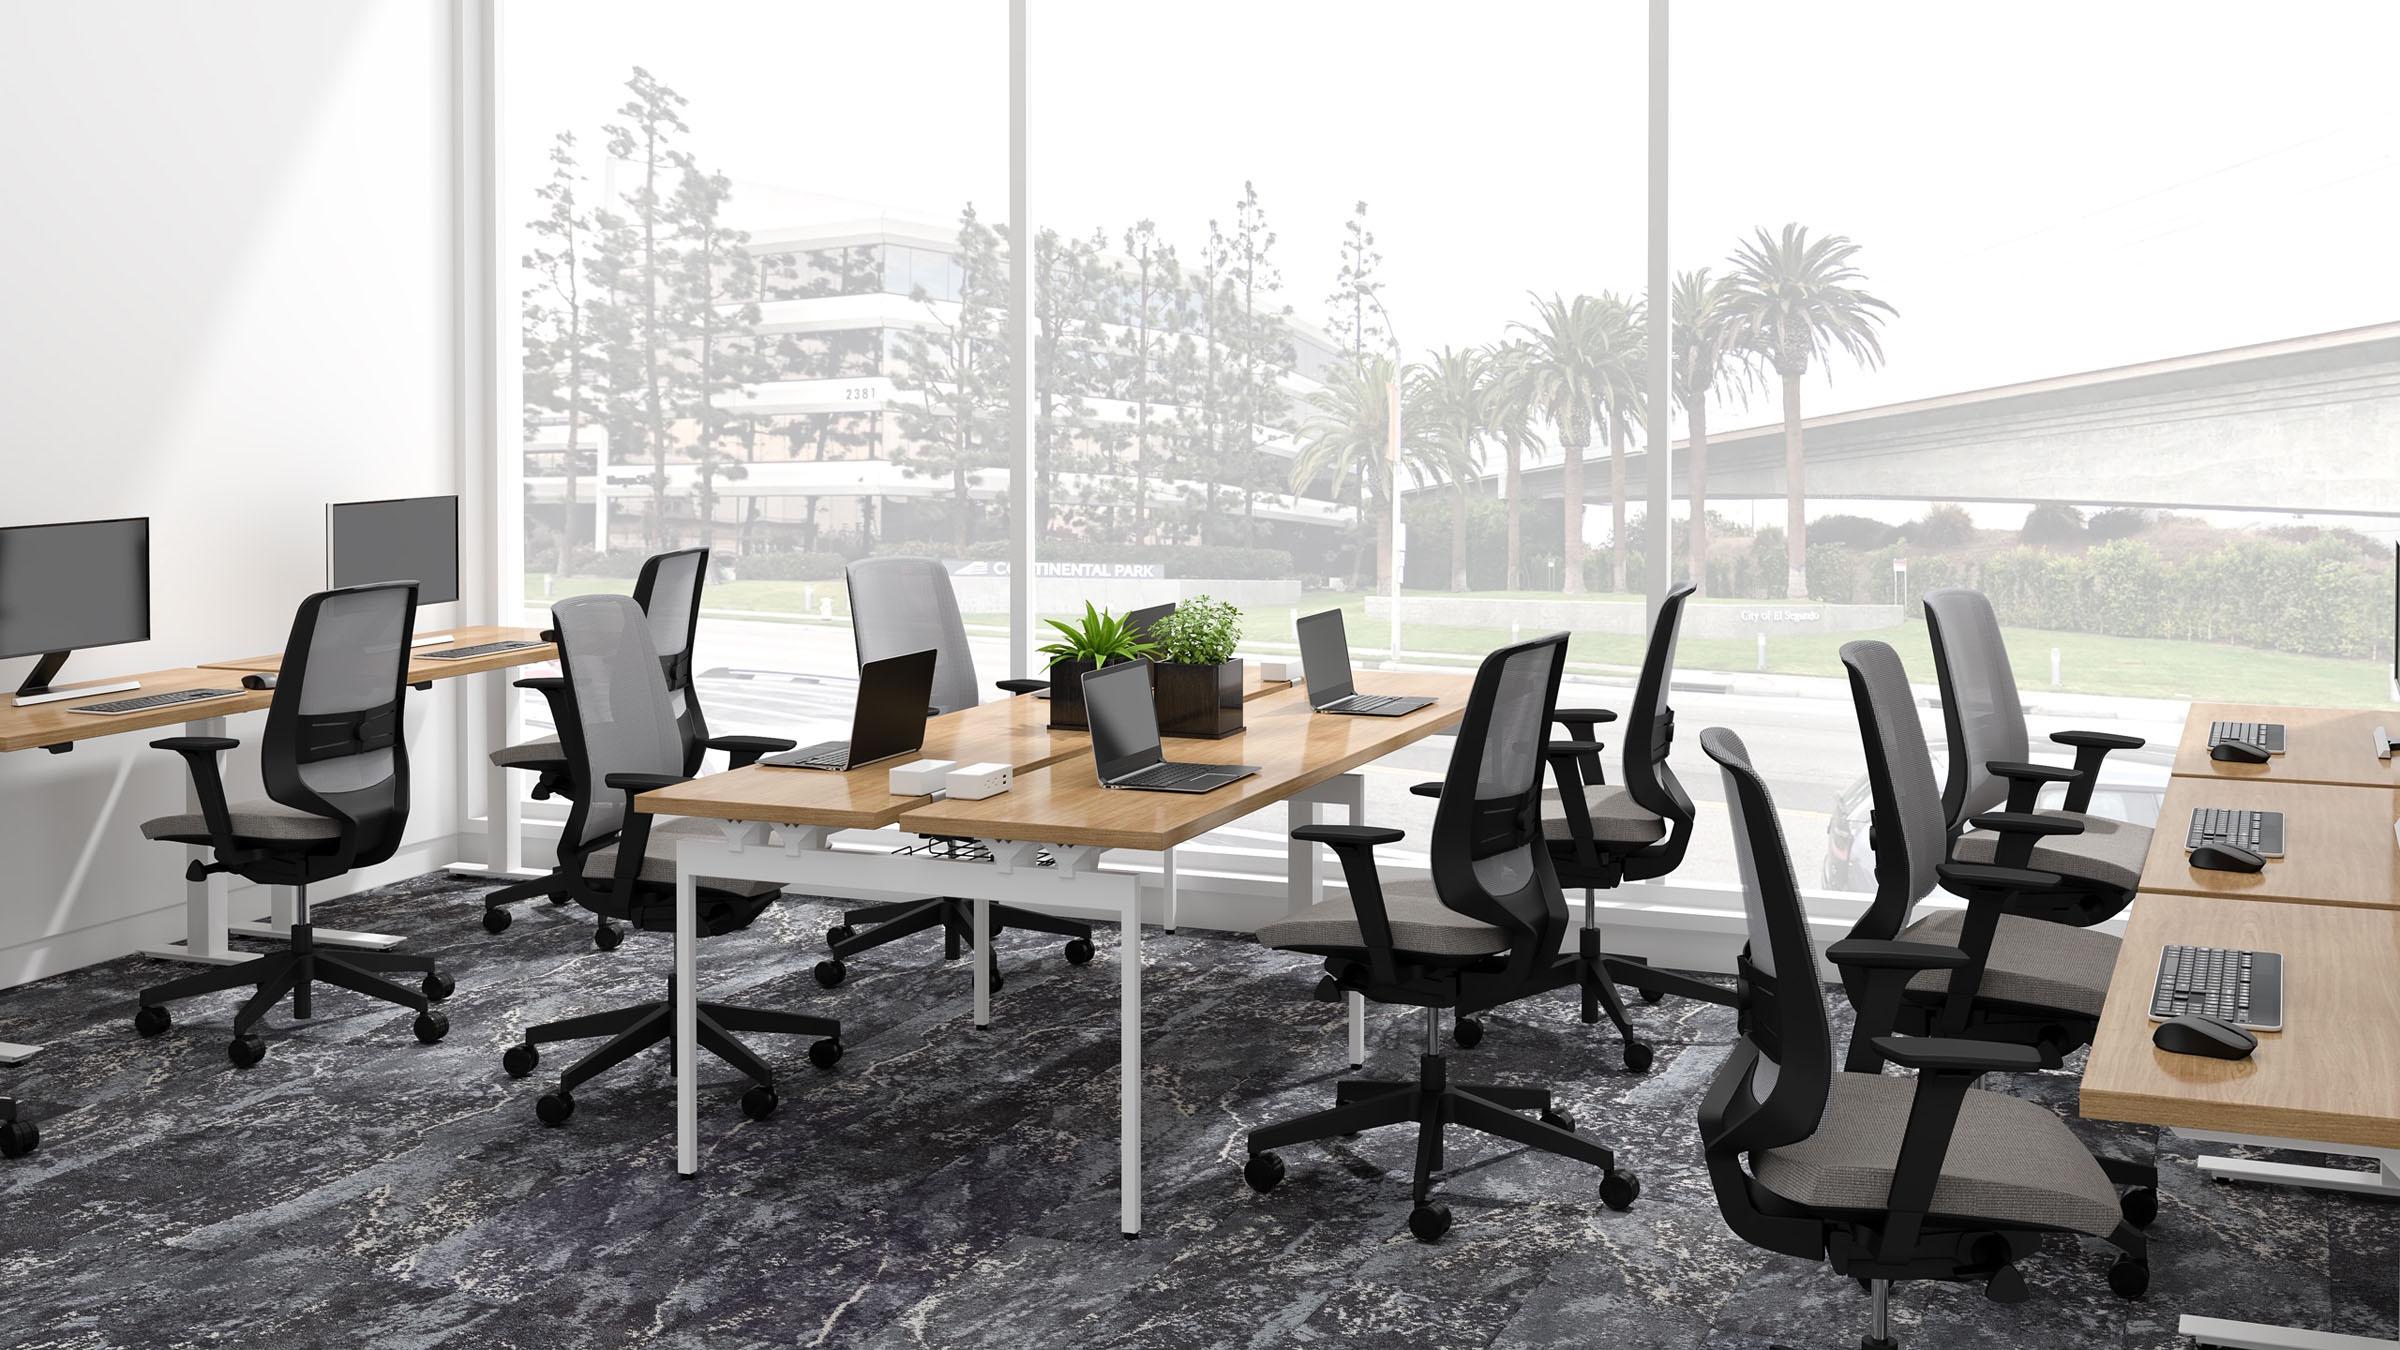 MB_Office-Rendering-1.jpg